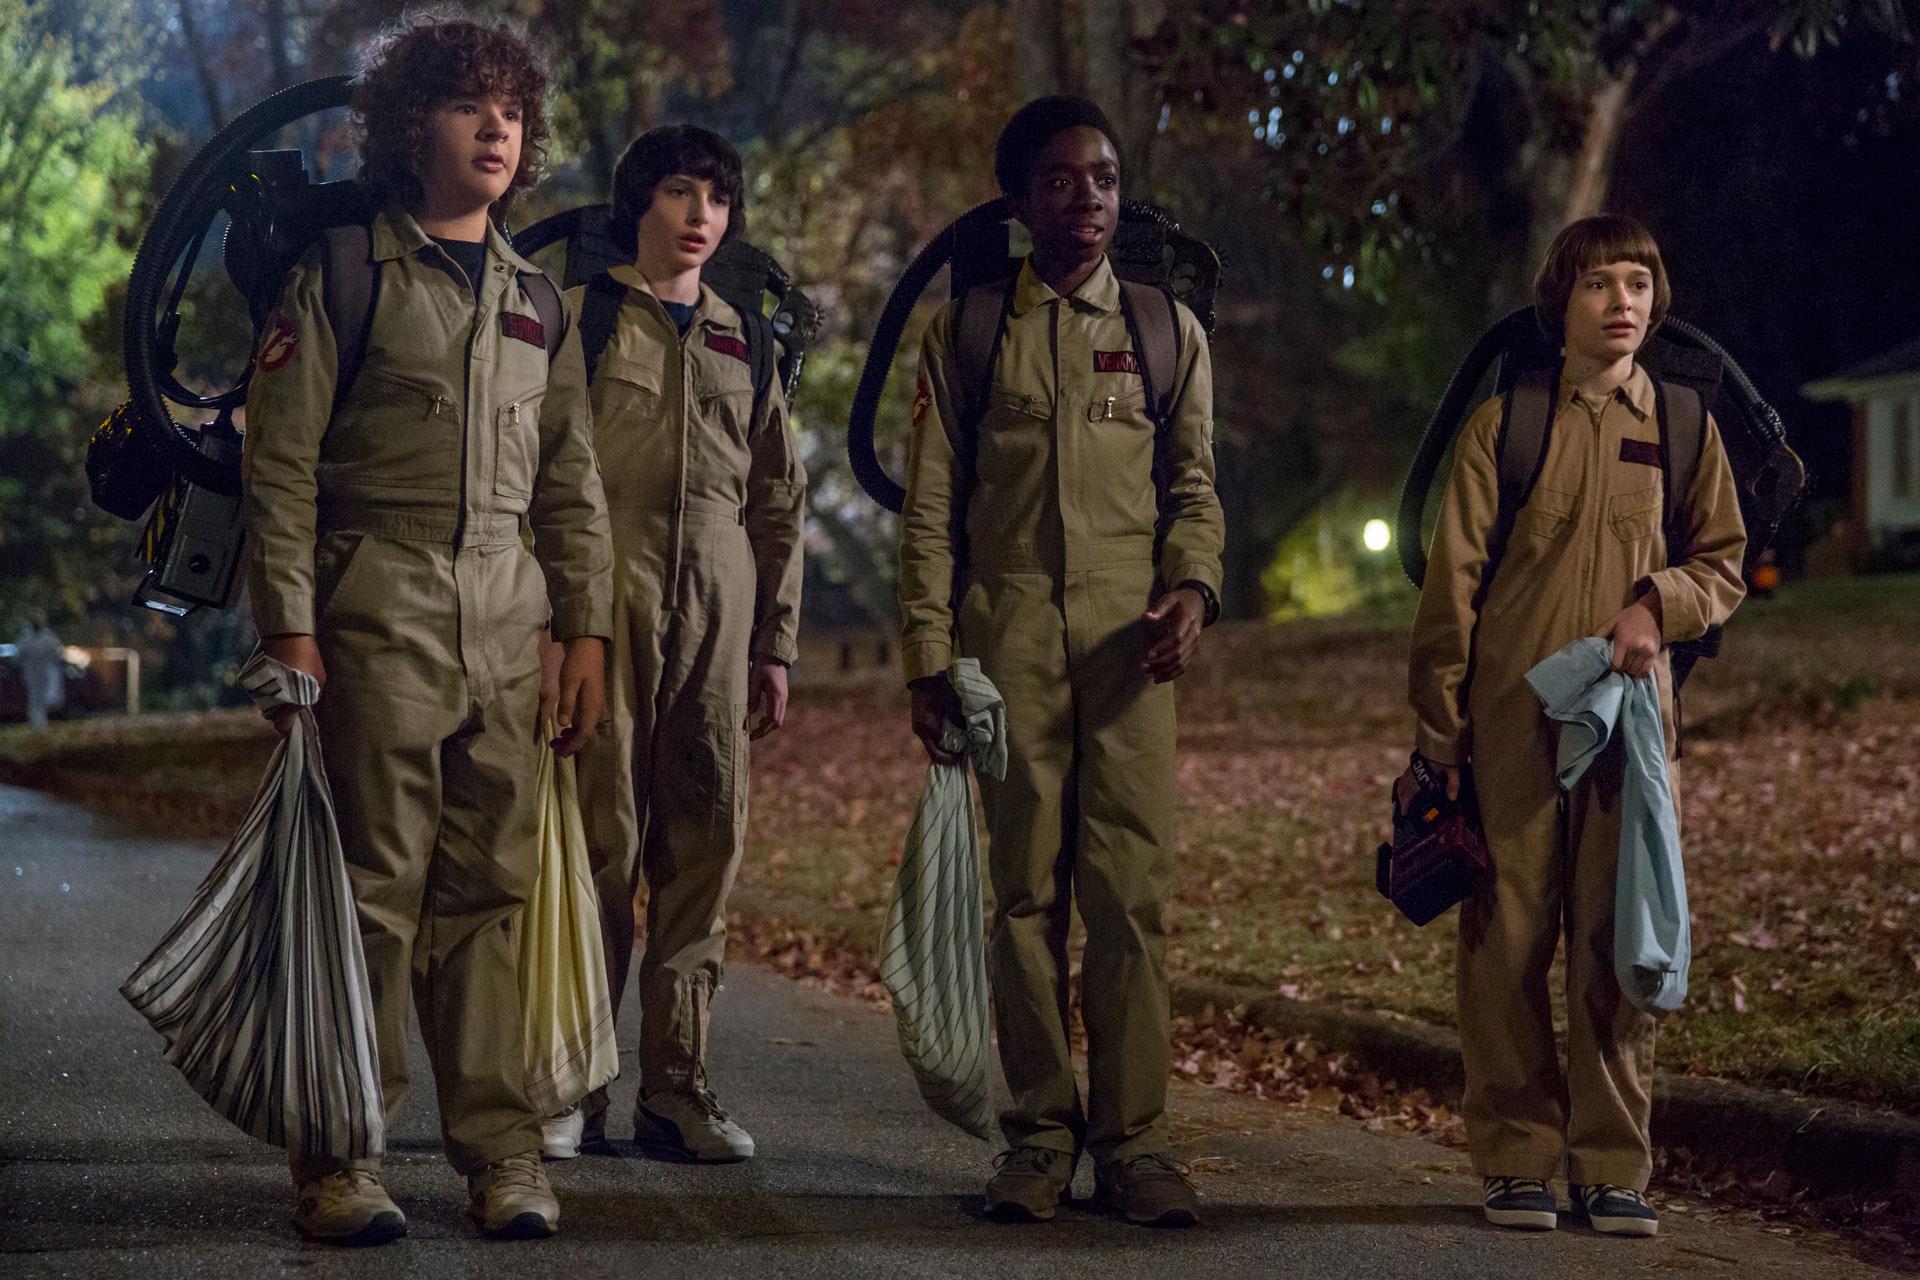 Cena de Stranger Things 2, em que Dustin, Mike, Lucas e Will estão fantasiados de Caça-Fantasmas.